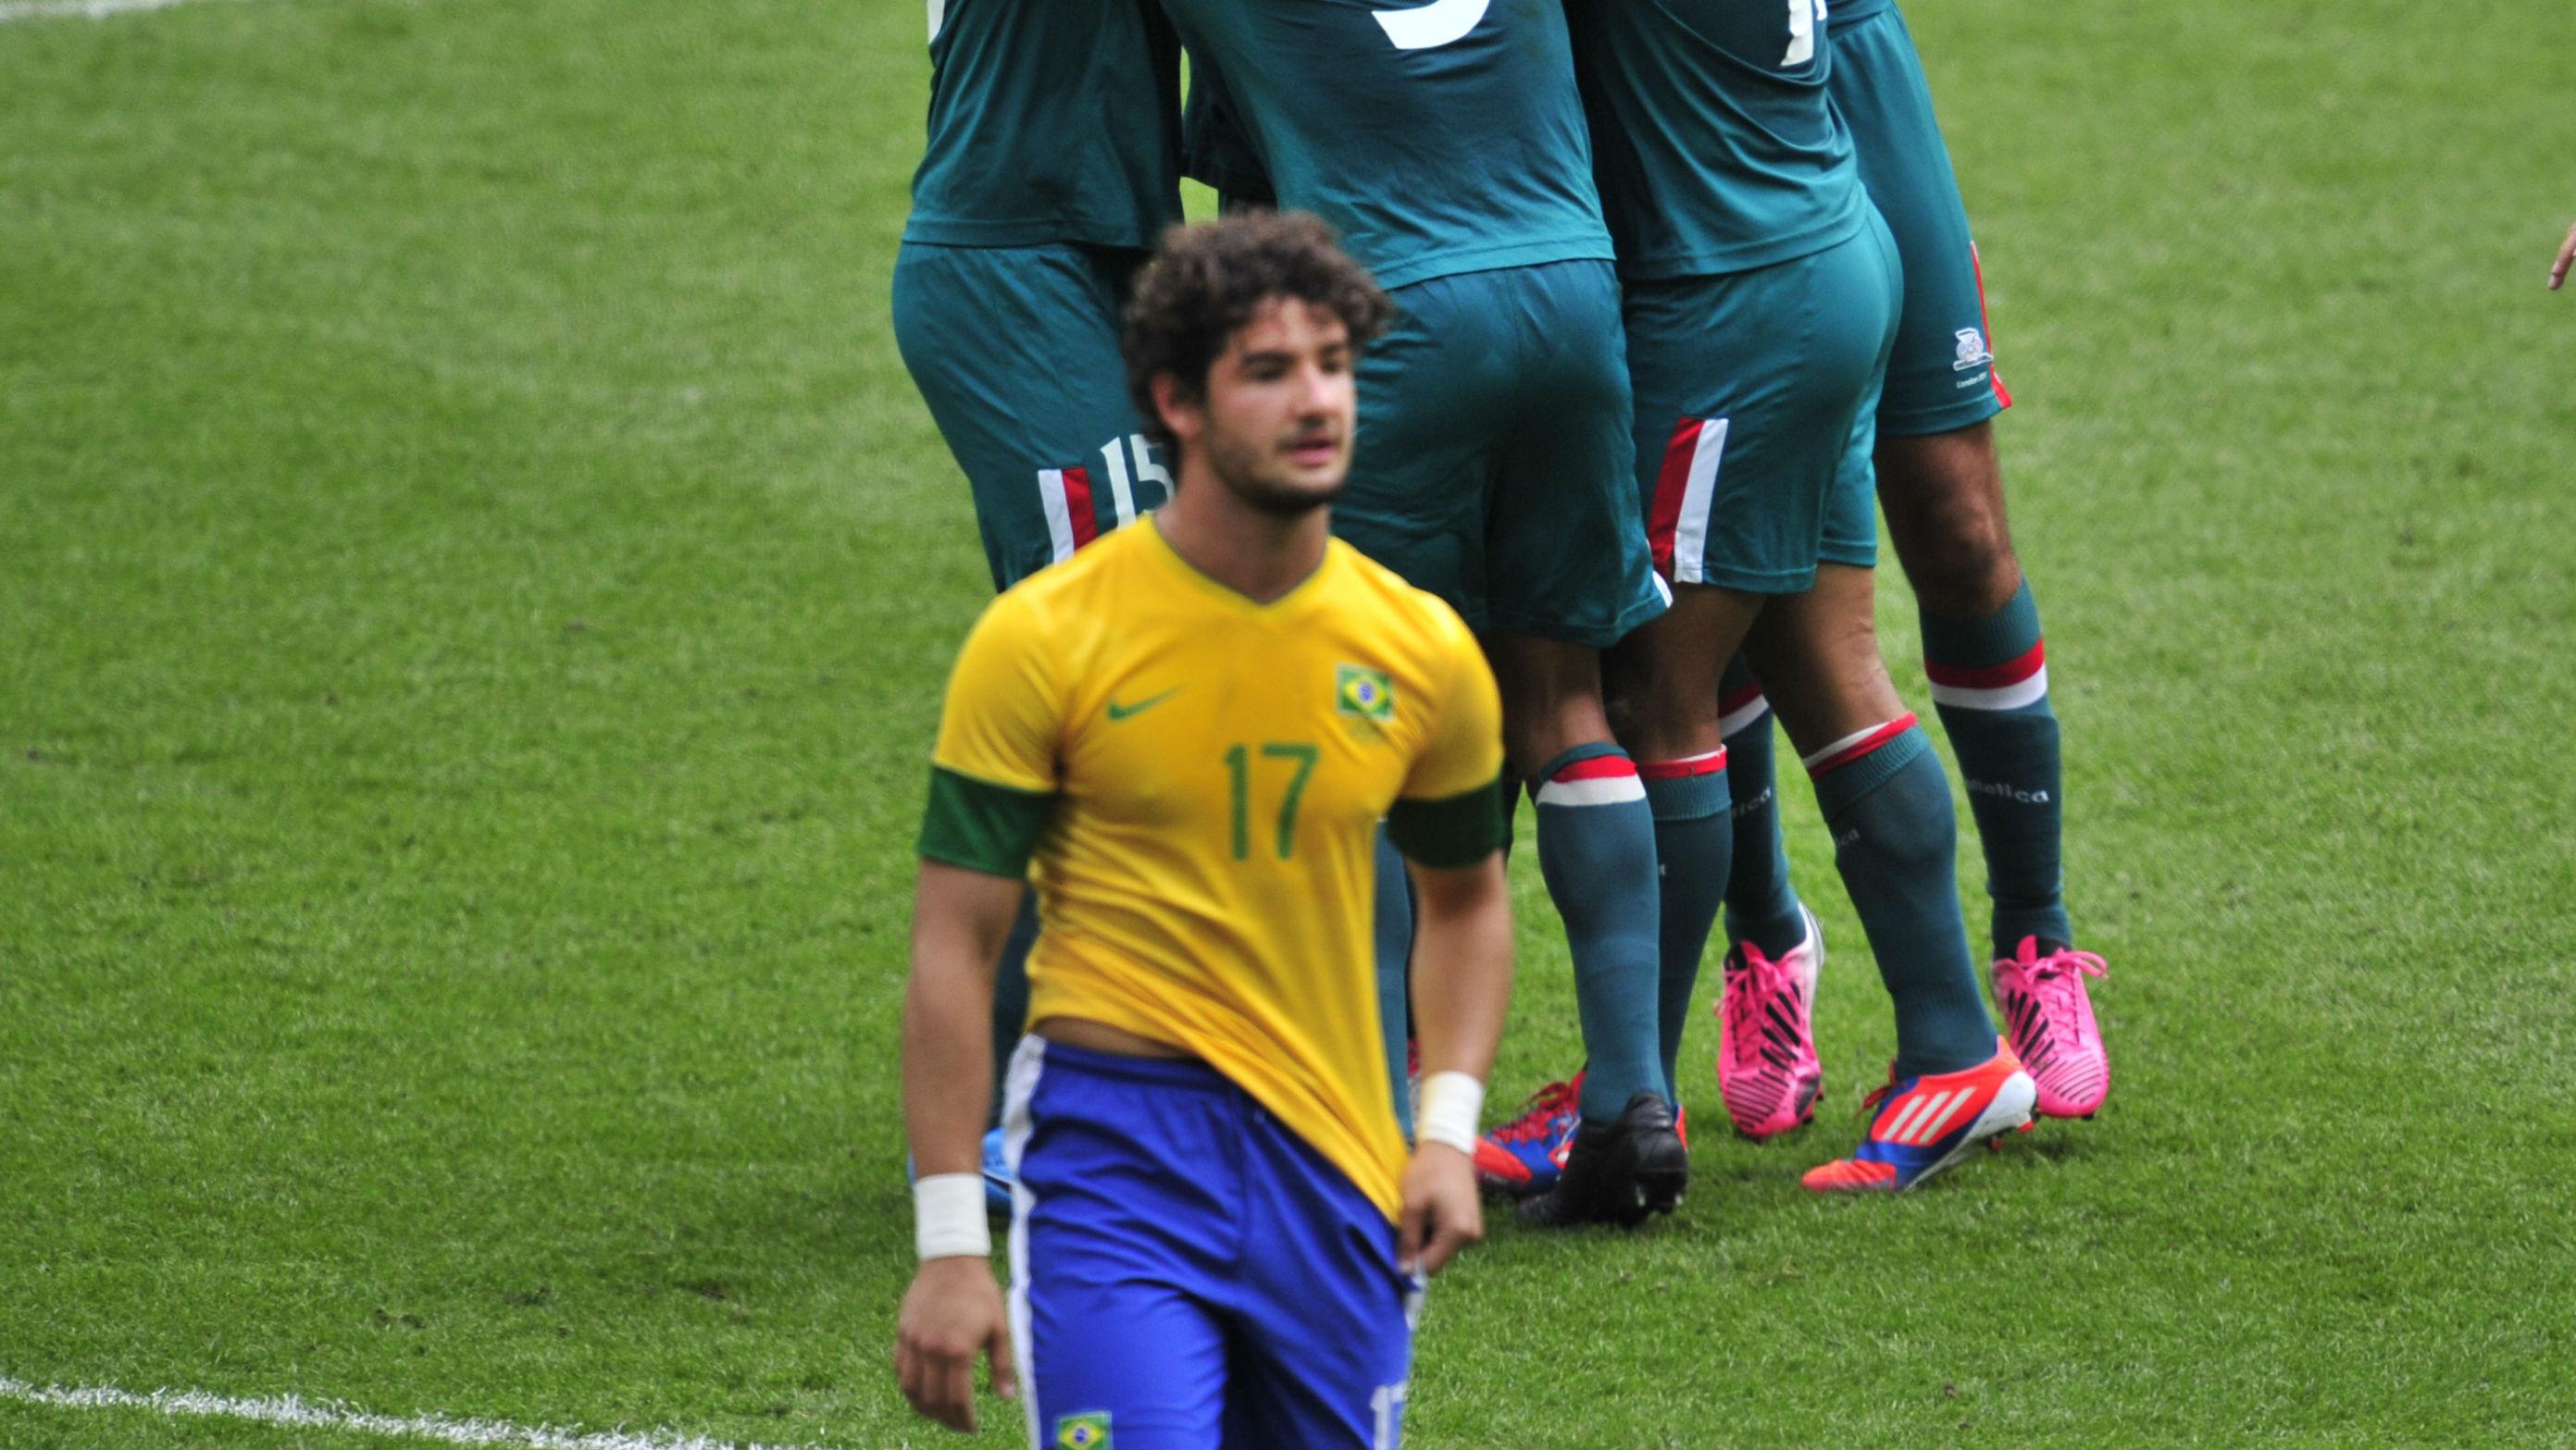 Alexandre Pato Seleção Olimpíada Londres 2012 29062016